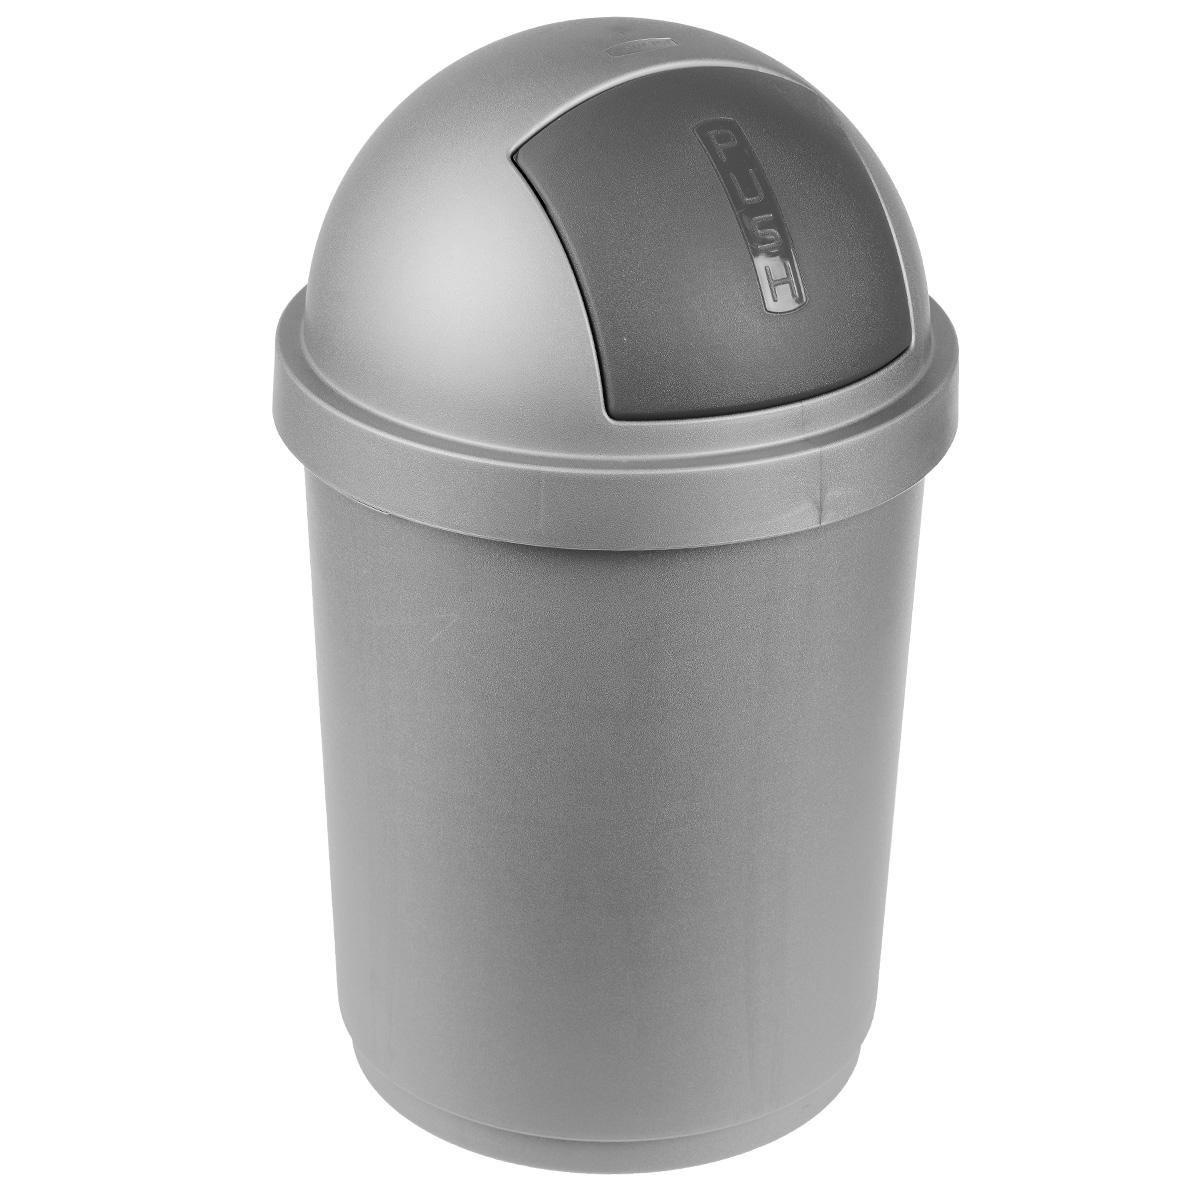 Контейнер для мусора Curver Буллет бин, цвет: серебристый, черный, 25 л68/5/2Контейнер для мусора Curver Буллет бин изготовлен из высококачественного пластика и по форме напоминает пулю. Контейнер оснащен специальной крышкой с удобной дверцей на пружинке, которая предотвращает распространение запаха. Бороться с мелким мусором станет легко. Благодаря лаконичному дизайну такой контейнер идеально впишется в интерьер и дома, и офиса.